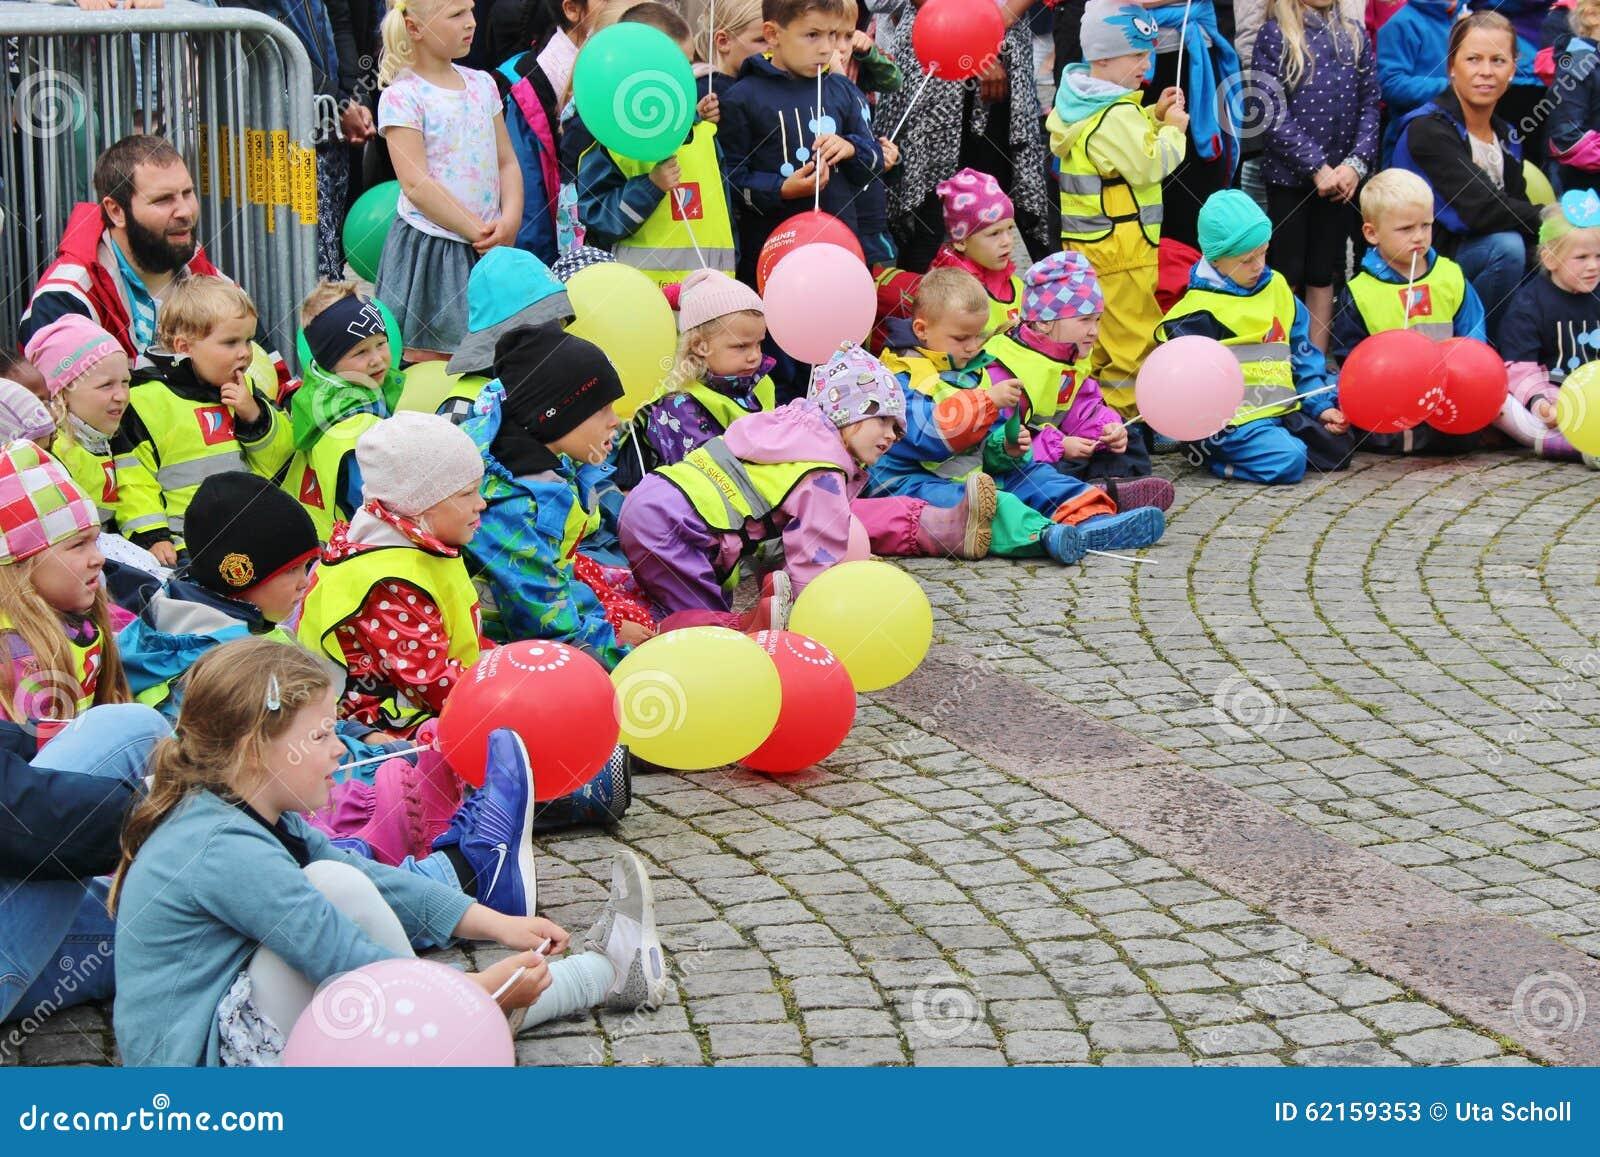 Children parada jako część festiwalu jazzowego Sildajazz w Haugesund, Norwegia